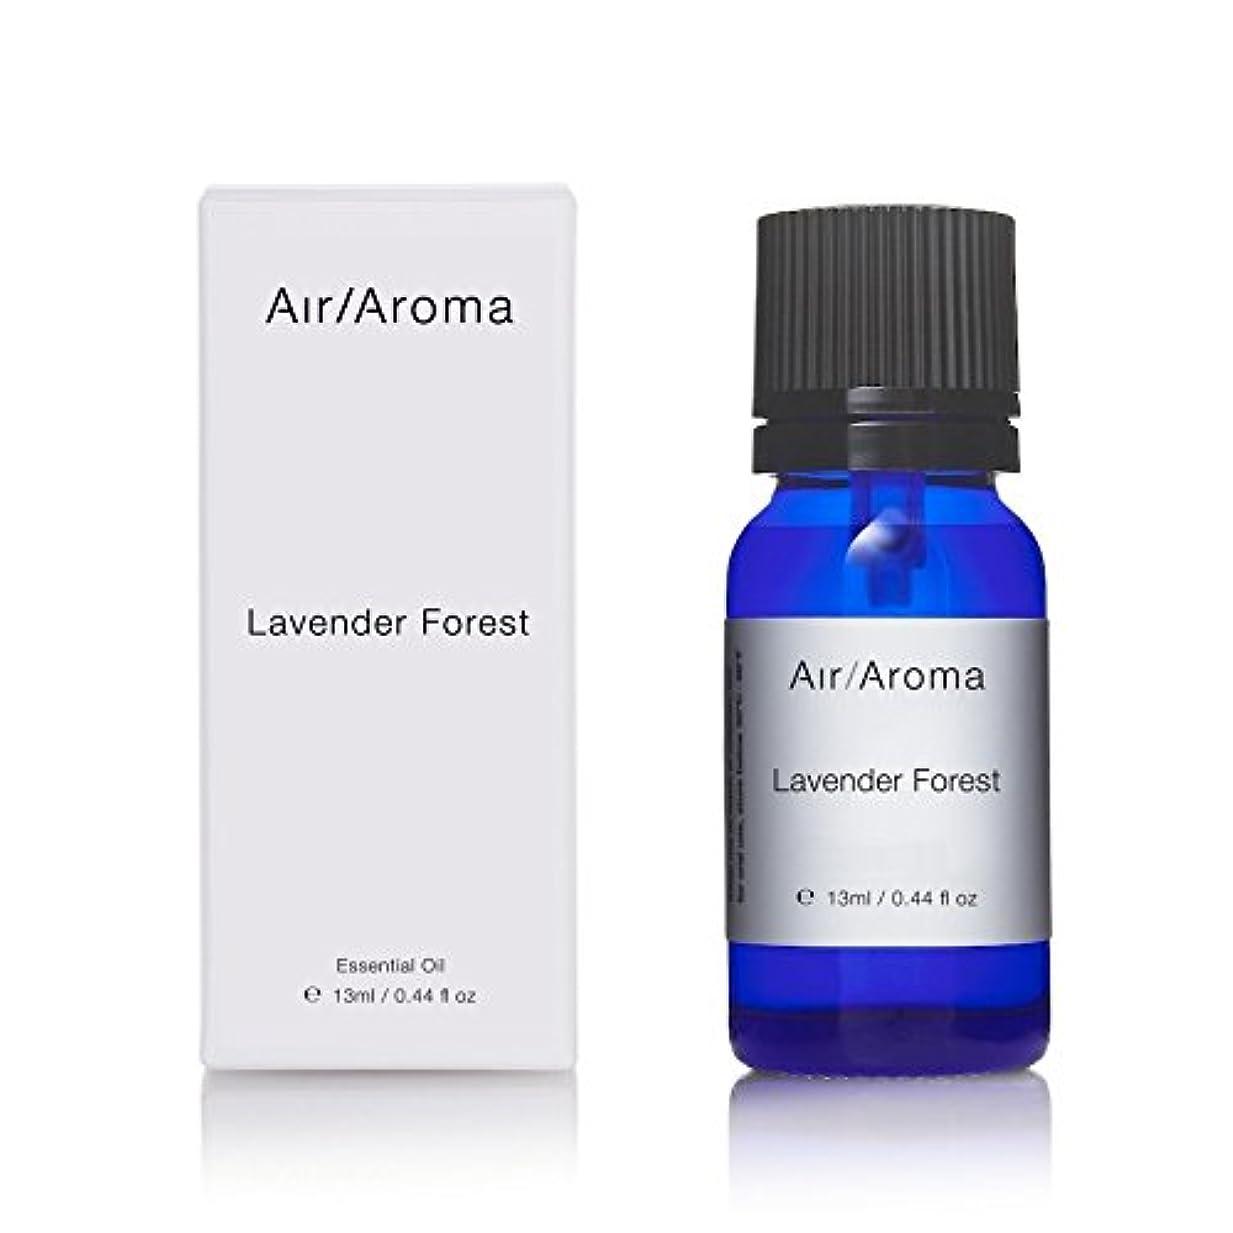 忠実に干渉届けるエアアロマ lavender forest (ラベンダーフォレスト) 13ml